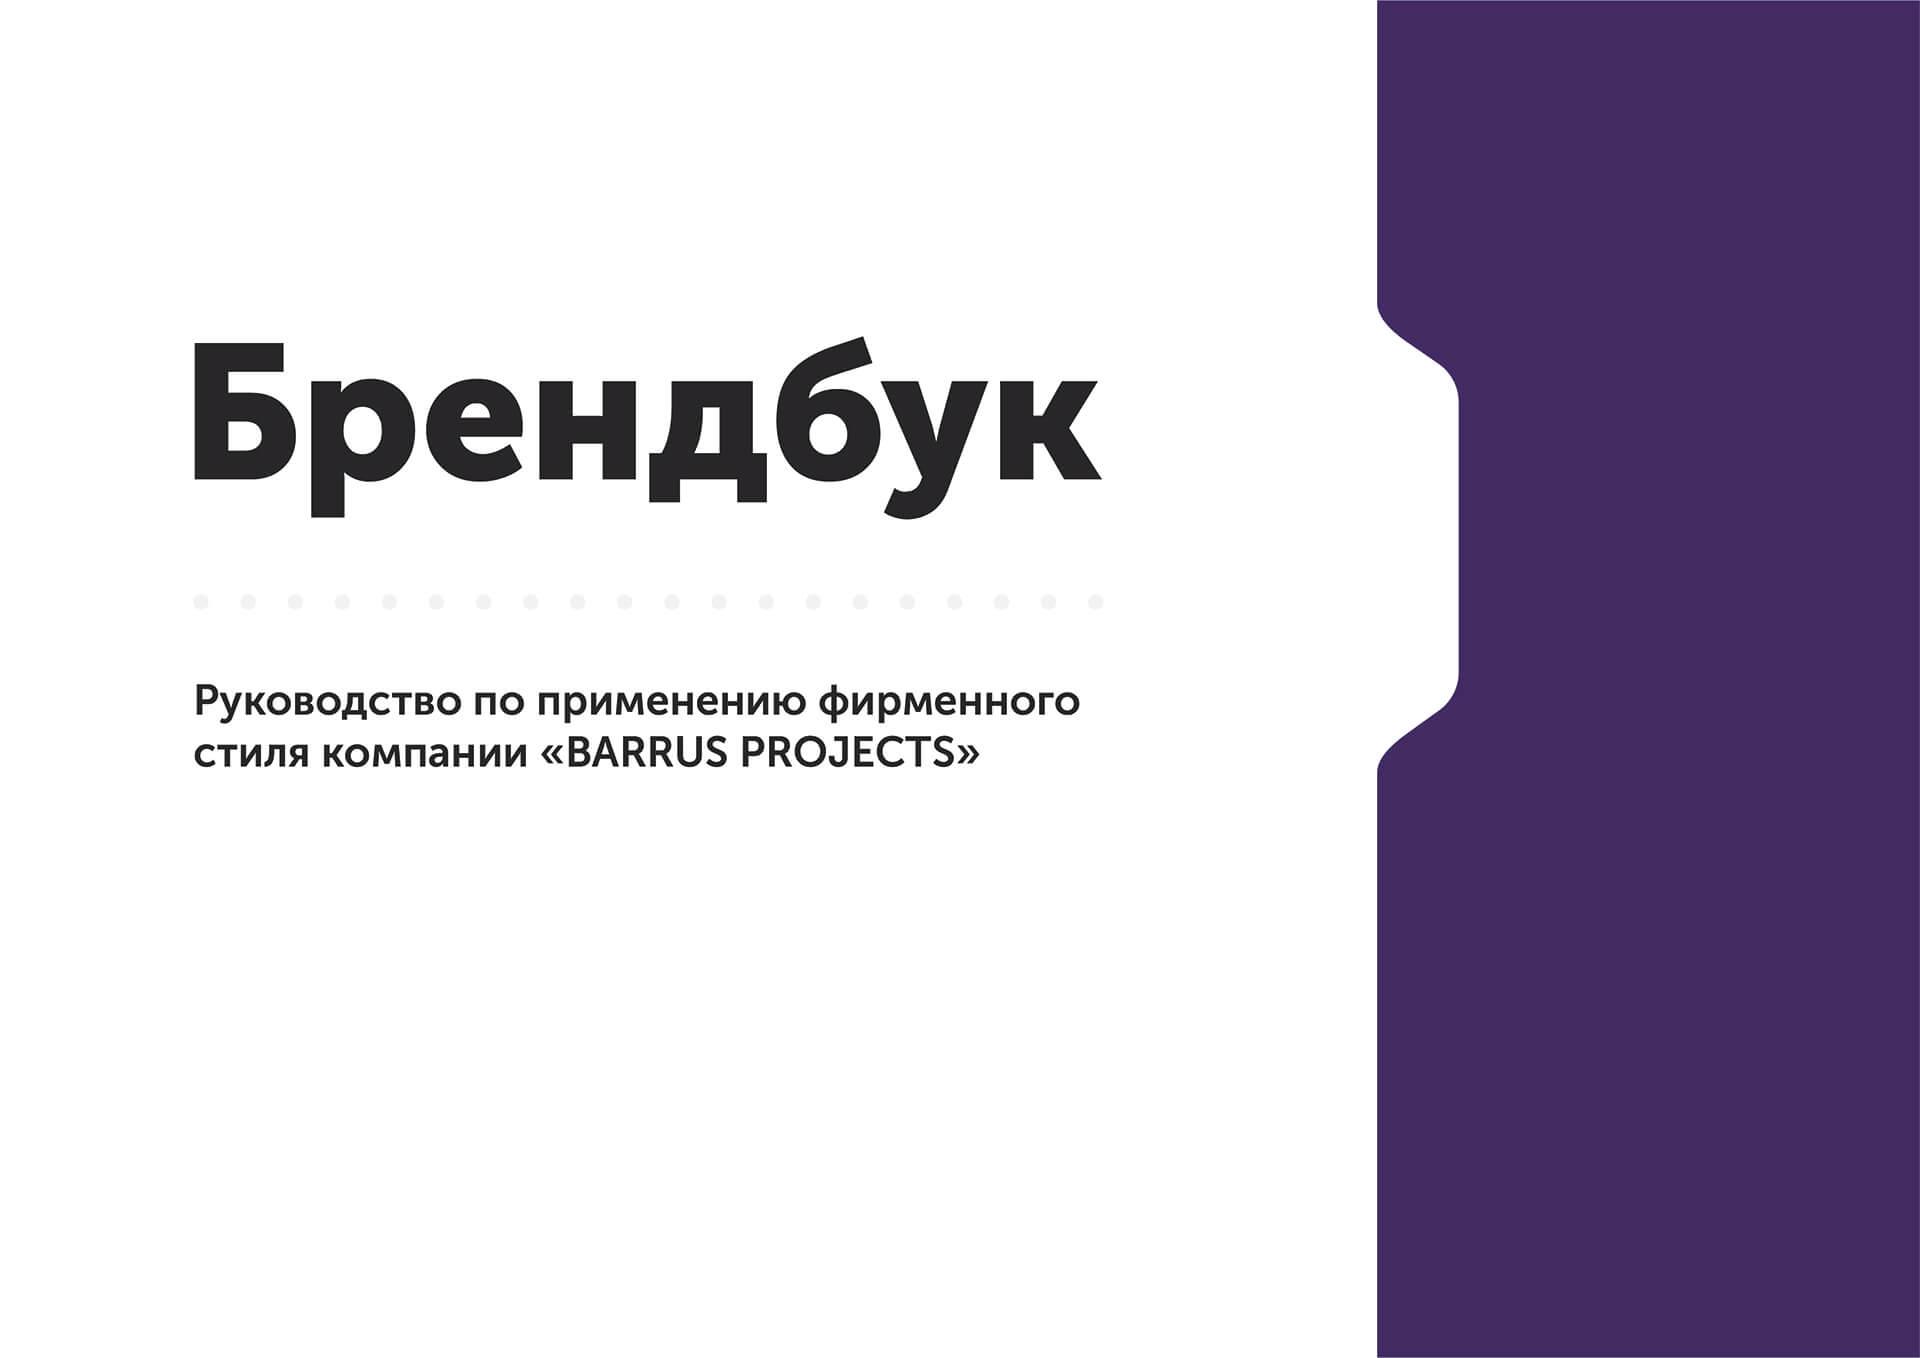 Заказать фирменный стиль и бренд логистической компании в Москве